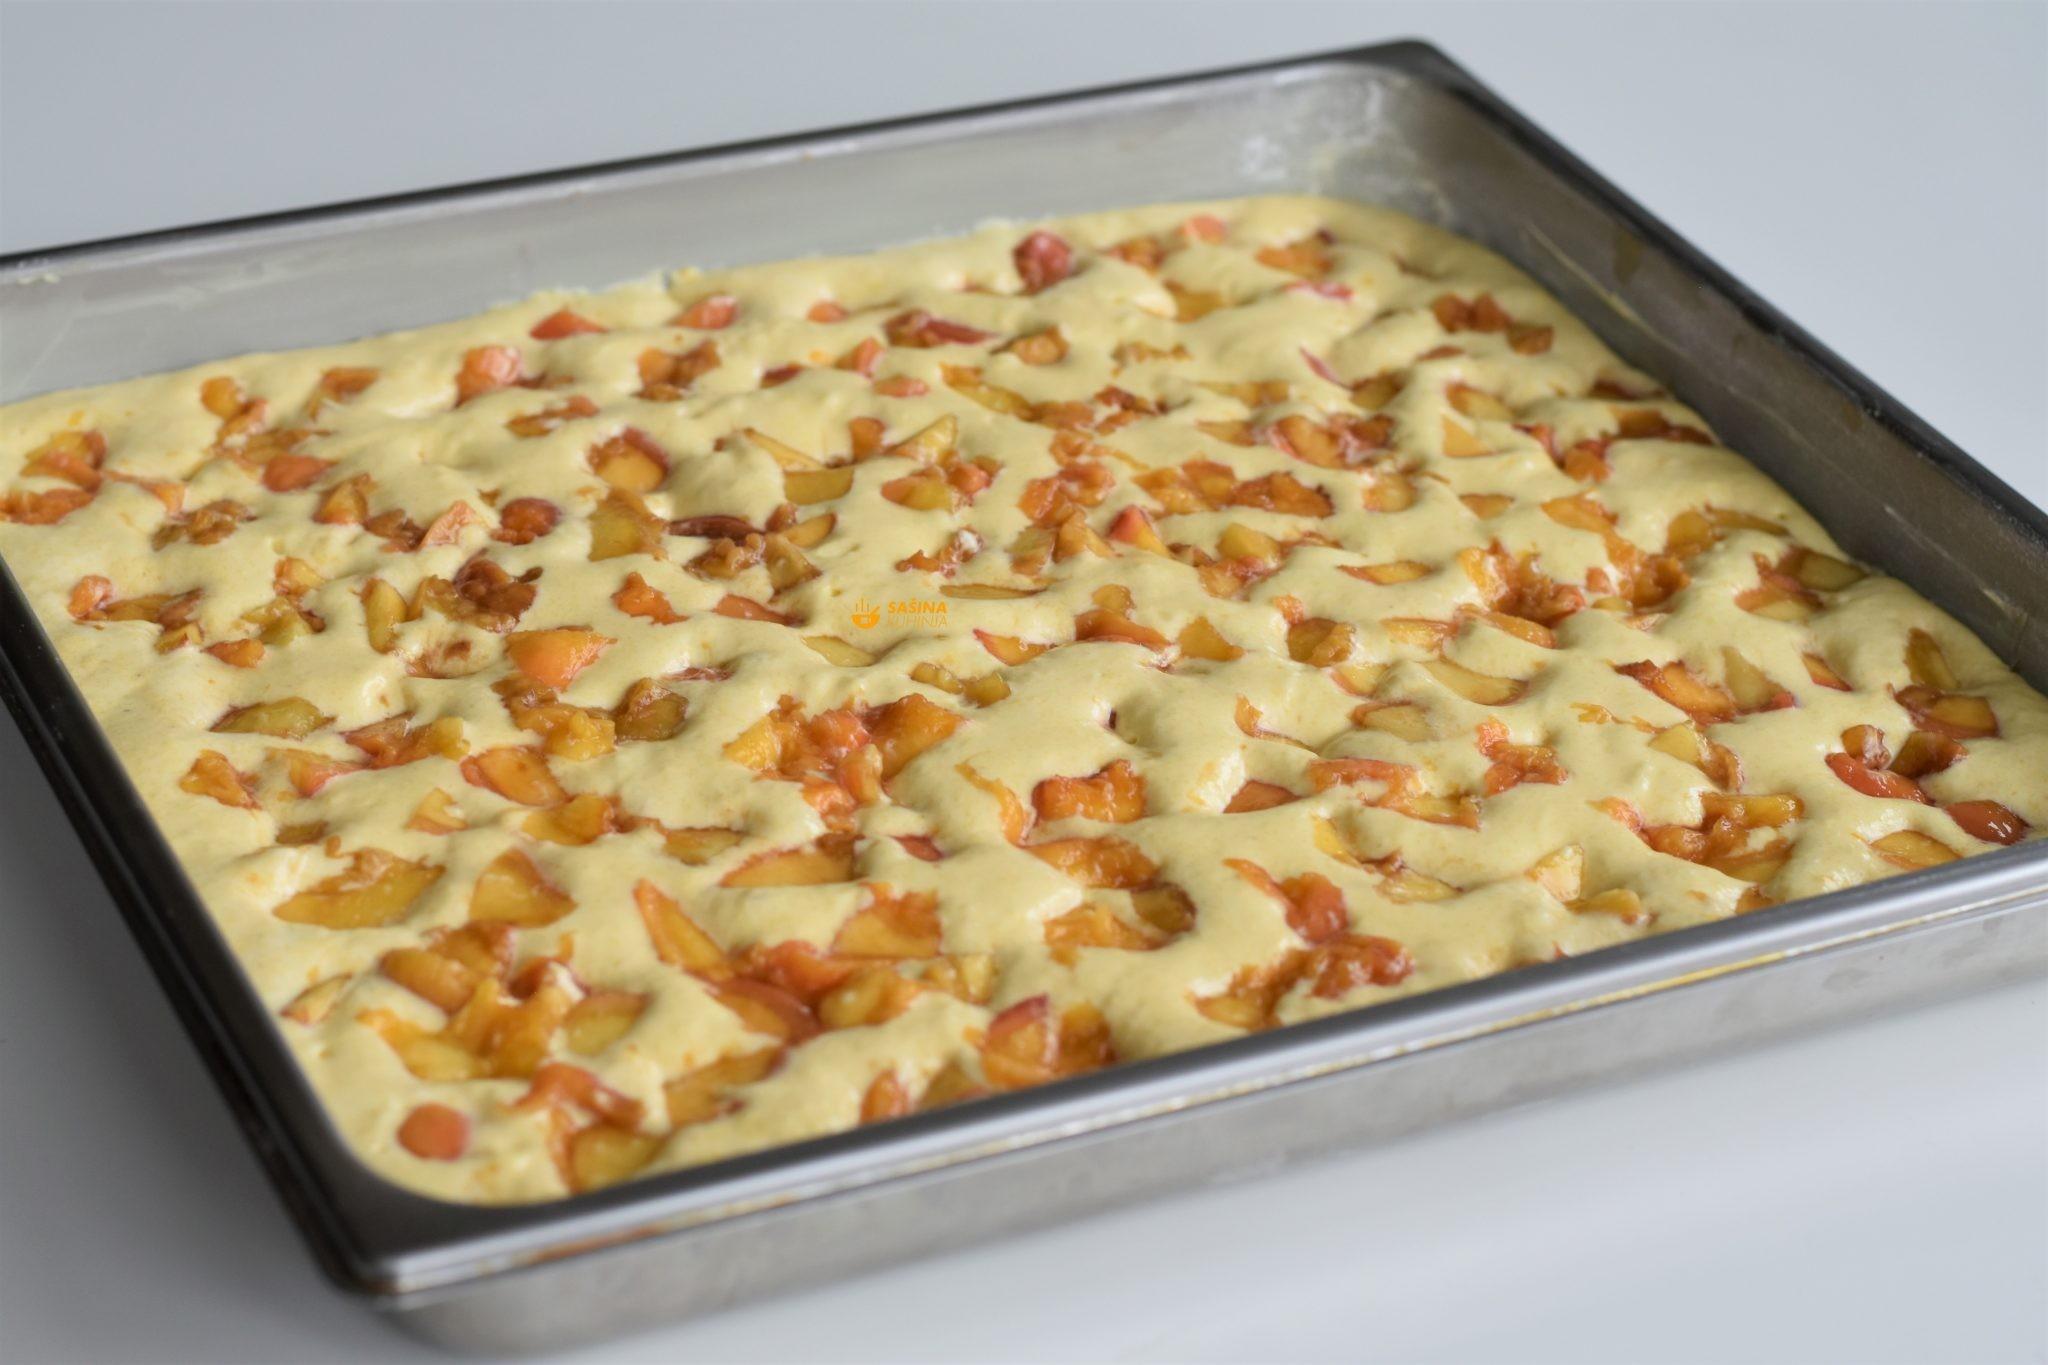 Završite sa šlagom i ovaj jednostavni ljetni kolač je spreman za posluživanje nakon što ga ohladite barem sat vremena da šlag očvrsne